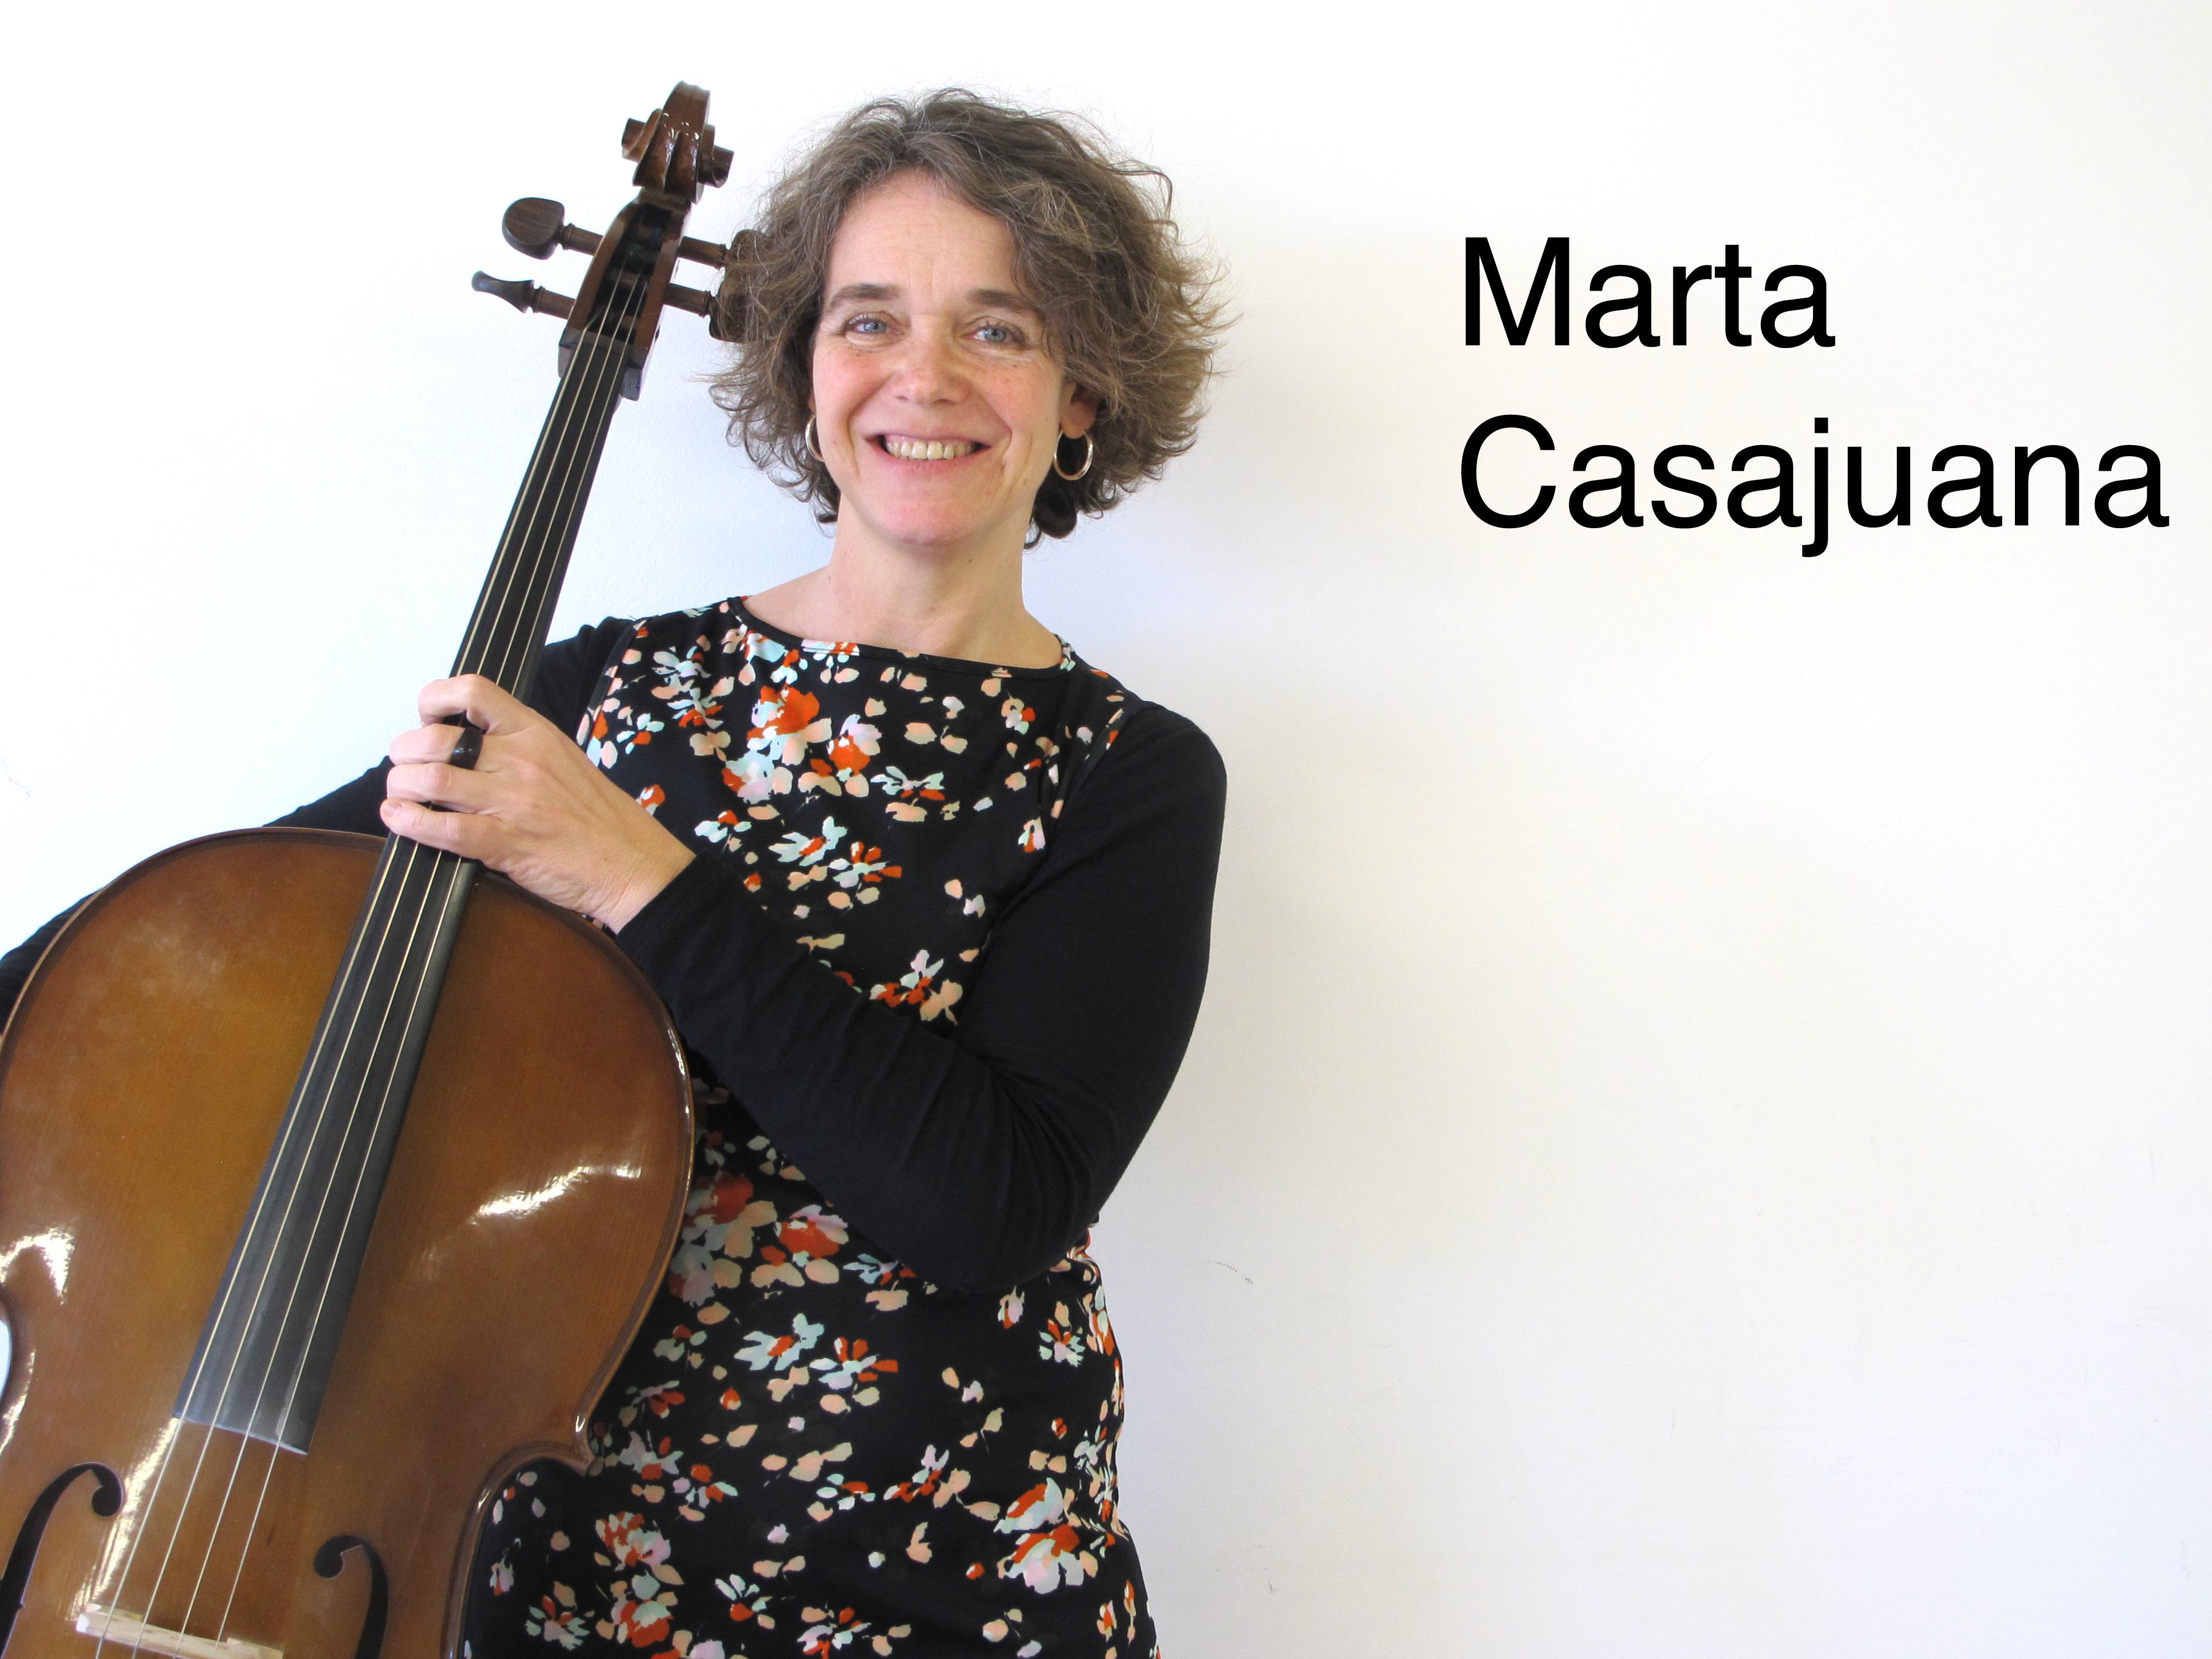 Marta Casajuana